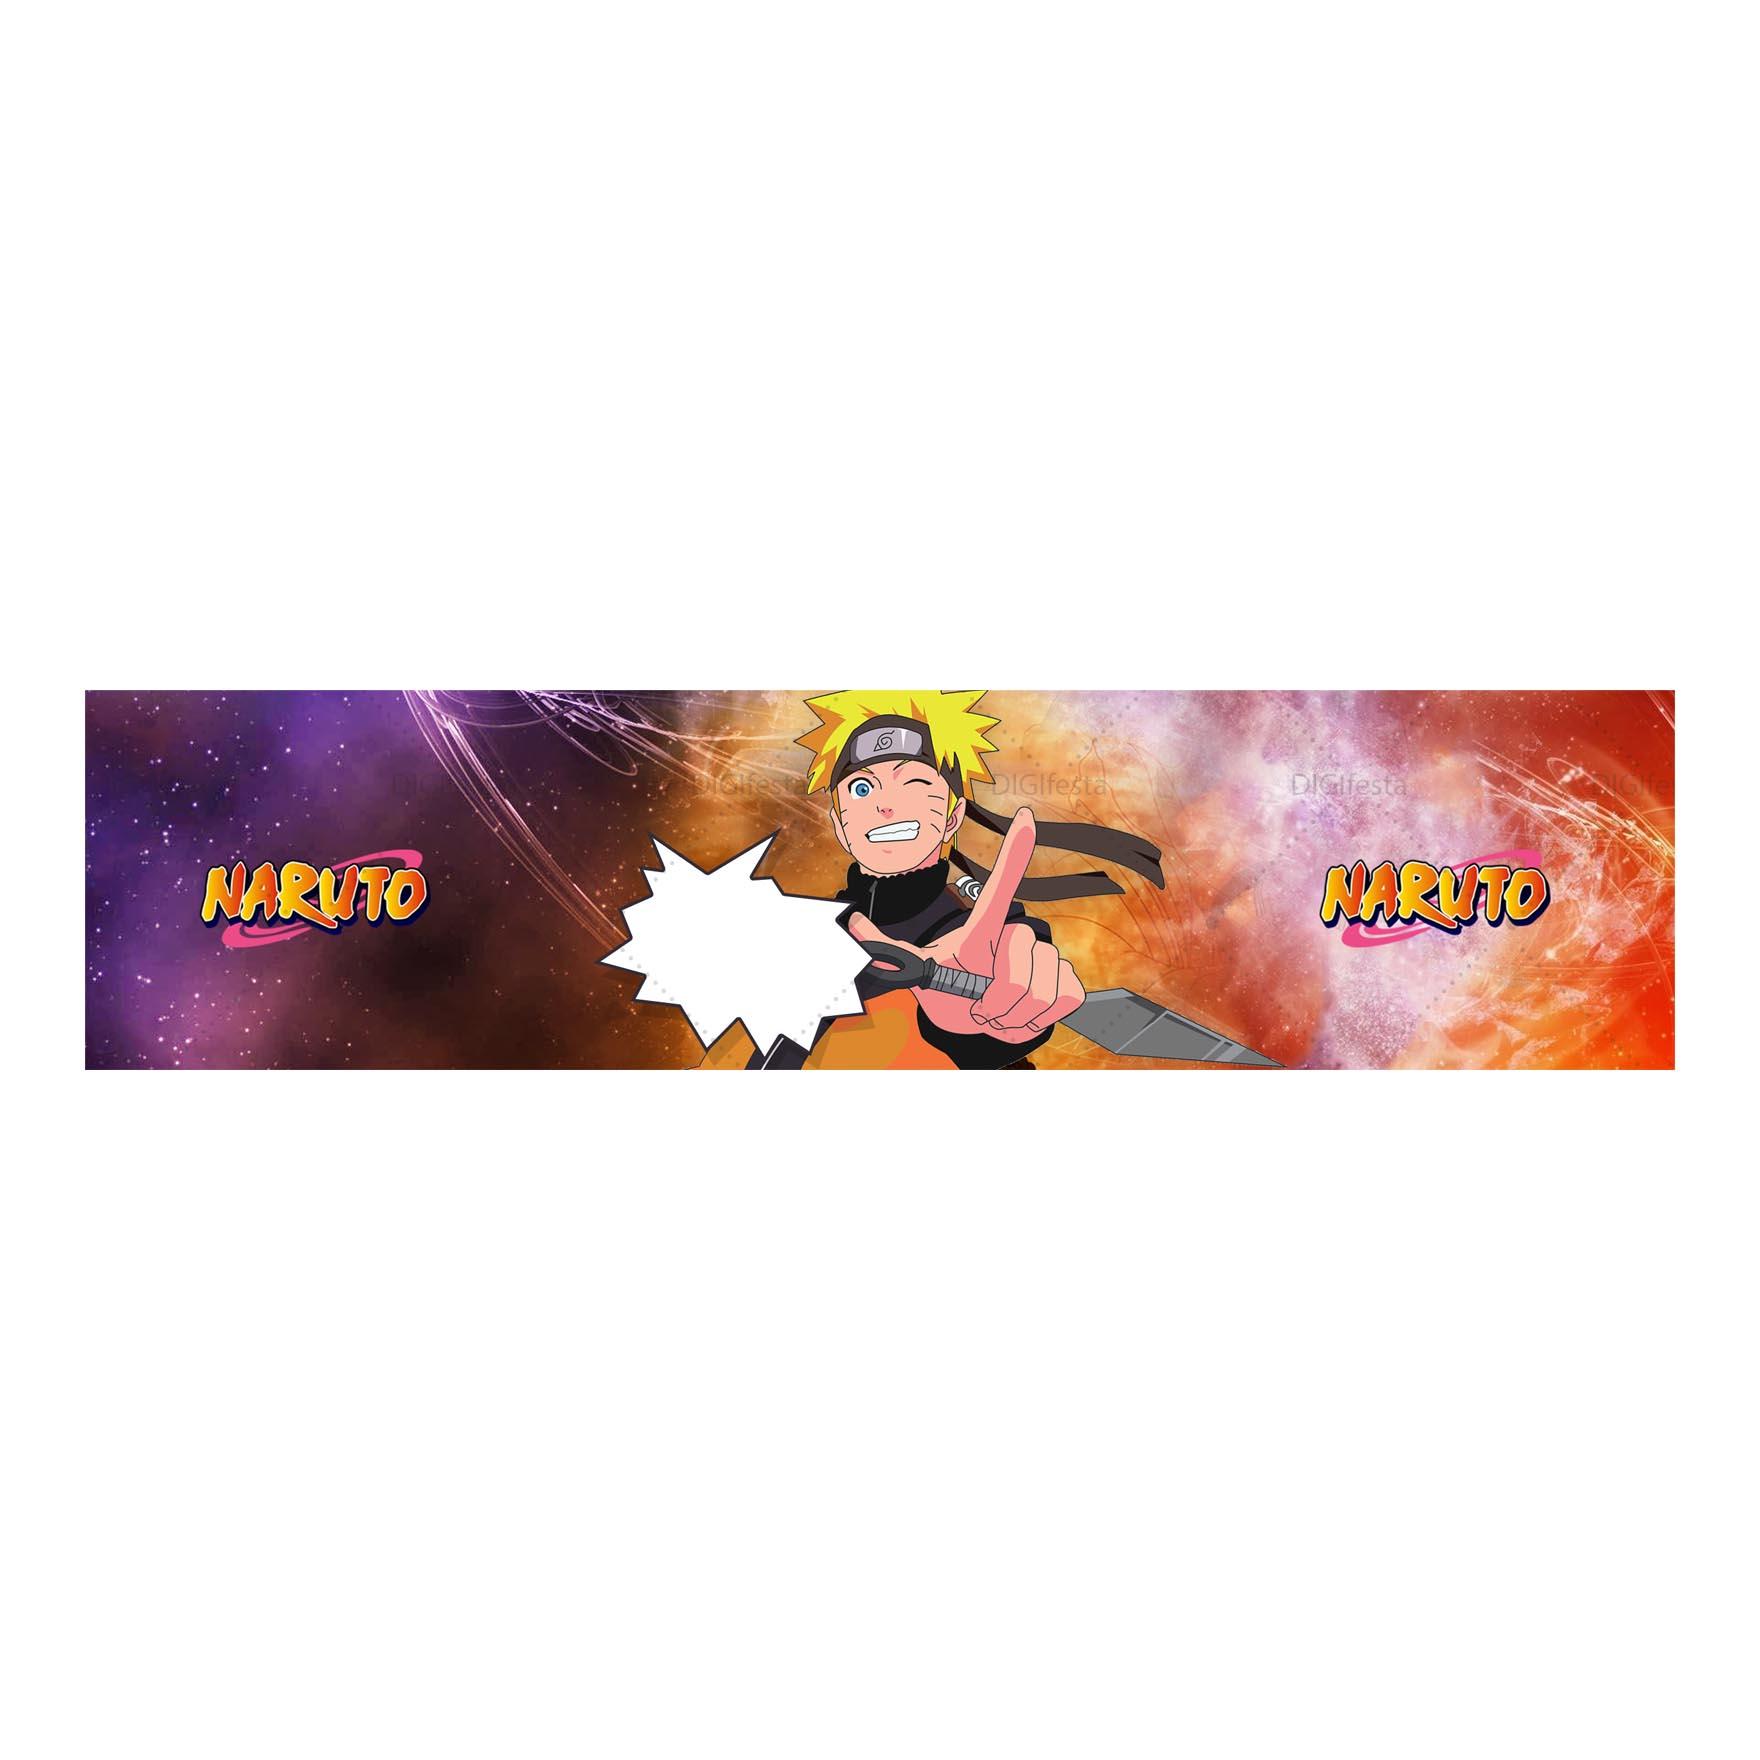 Rotulo Naruto Grátis para imprimir